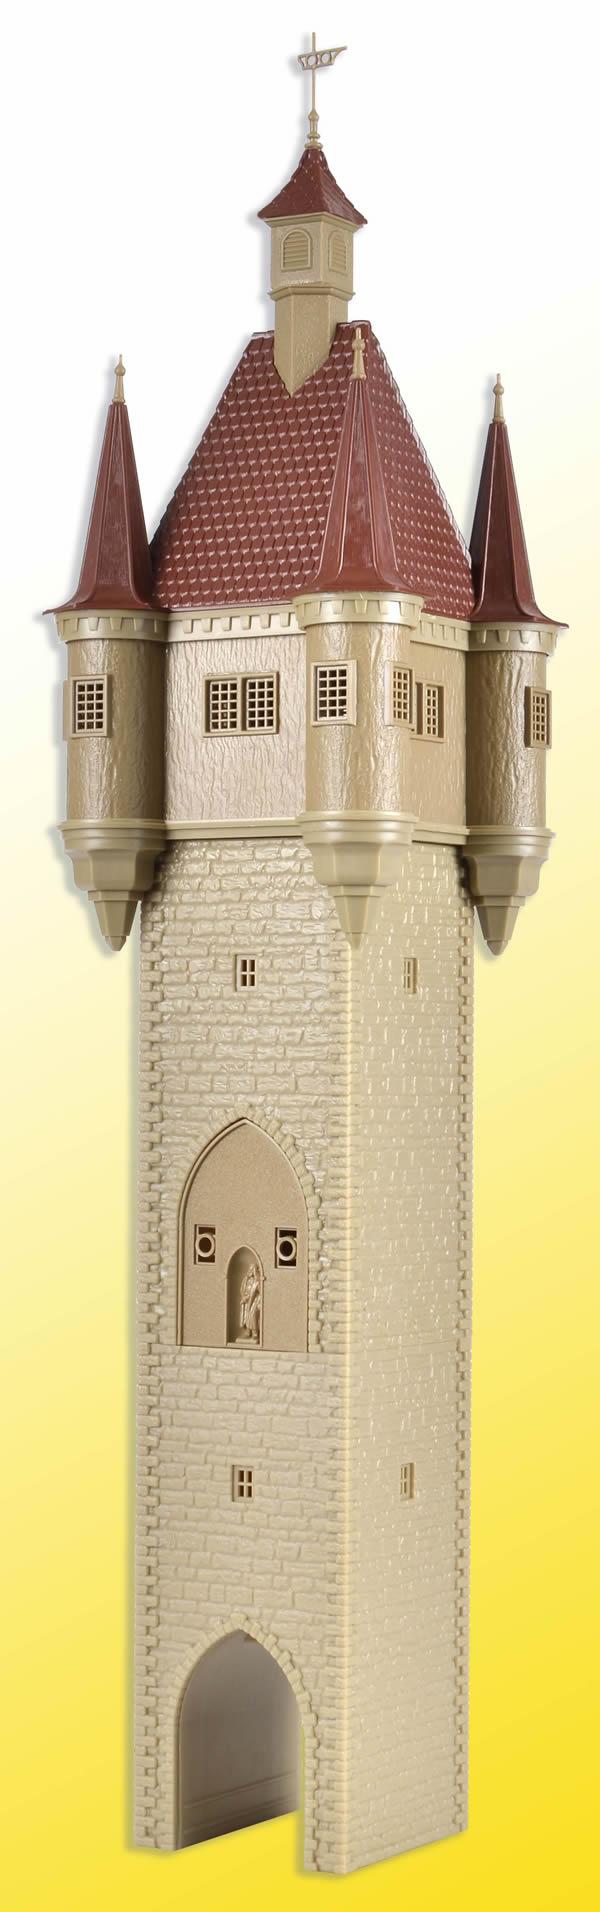 Vollmer 43900 - City tower Rothenburg